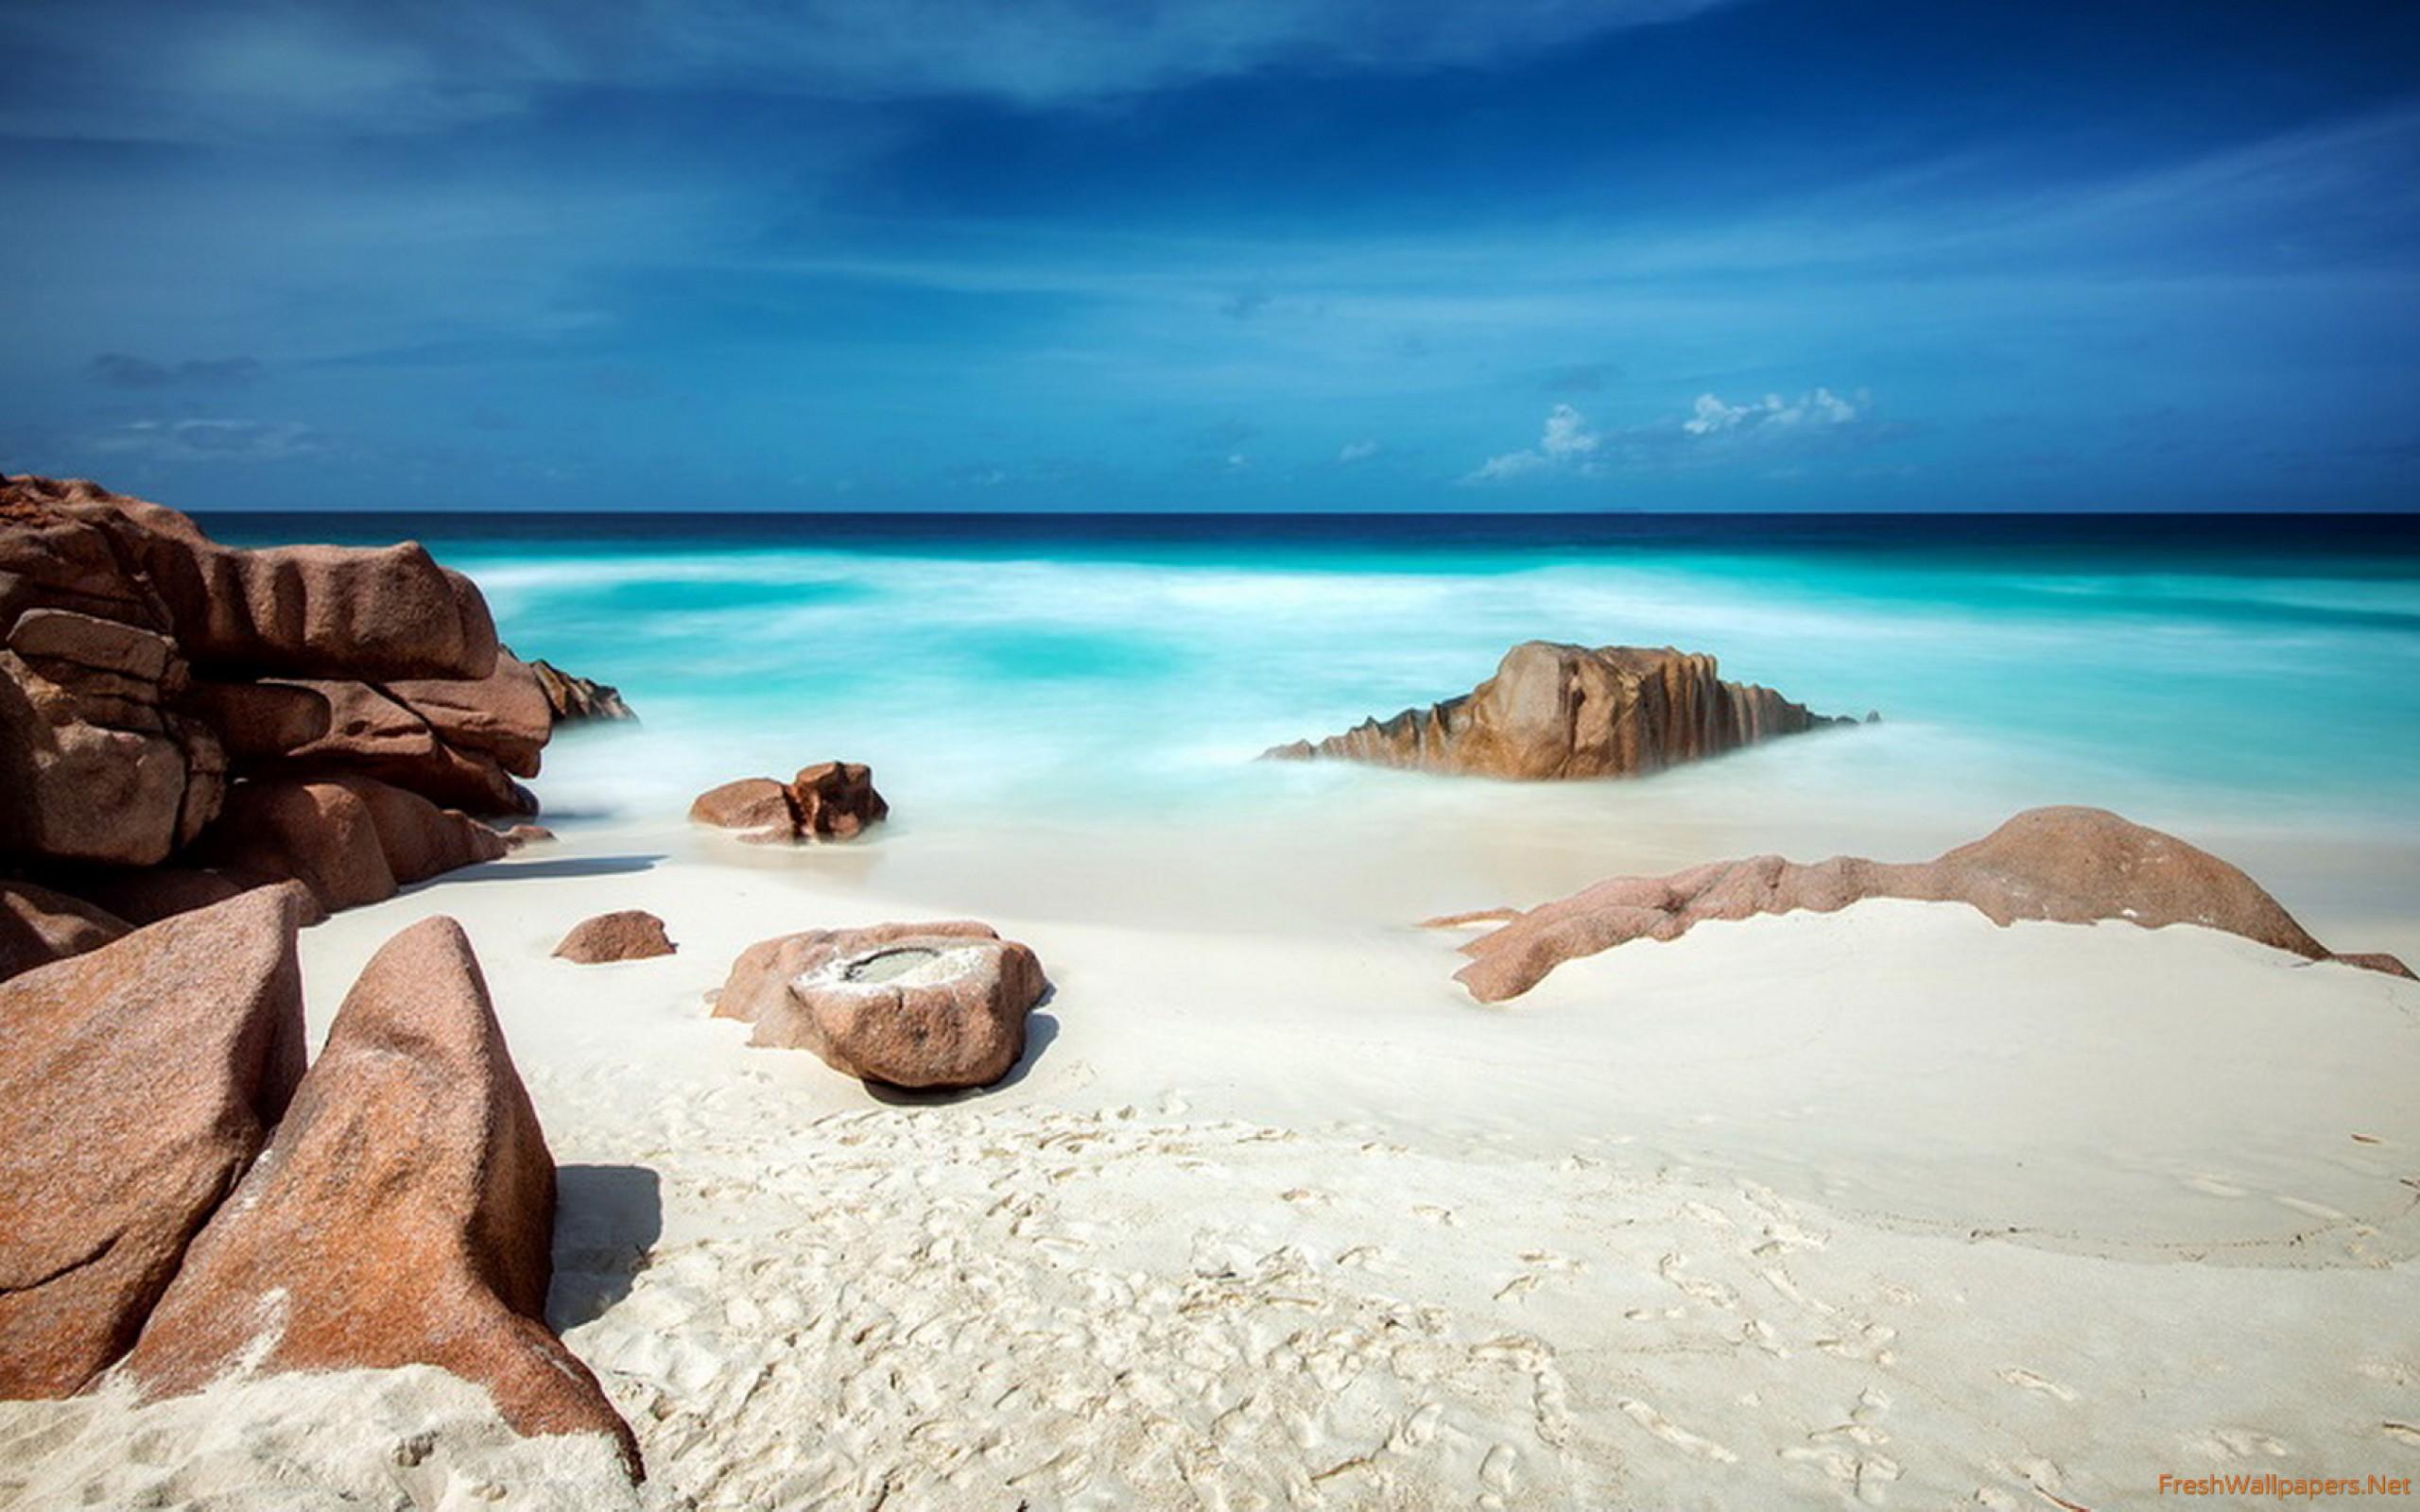 Seychelles White Sand Beach Wallpaper Seychelles White